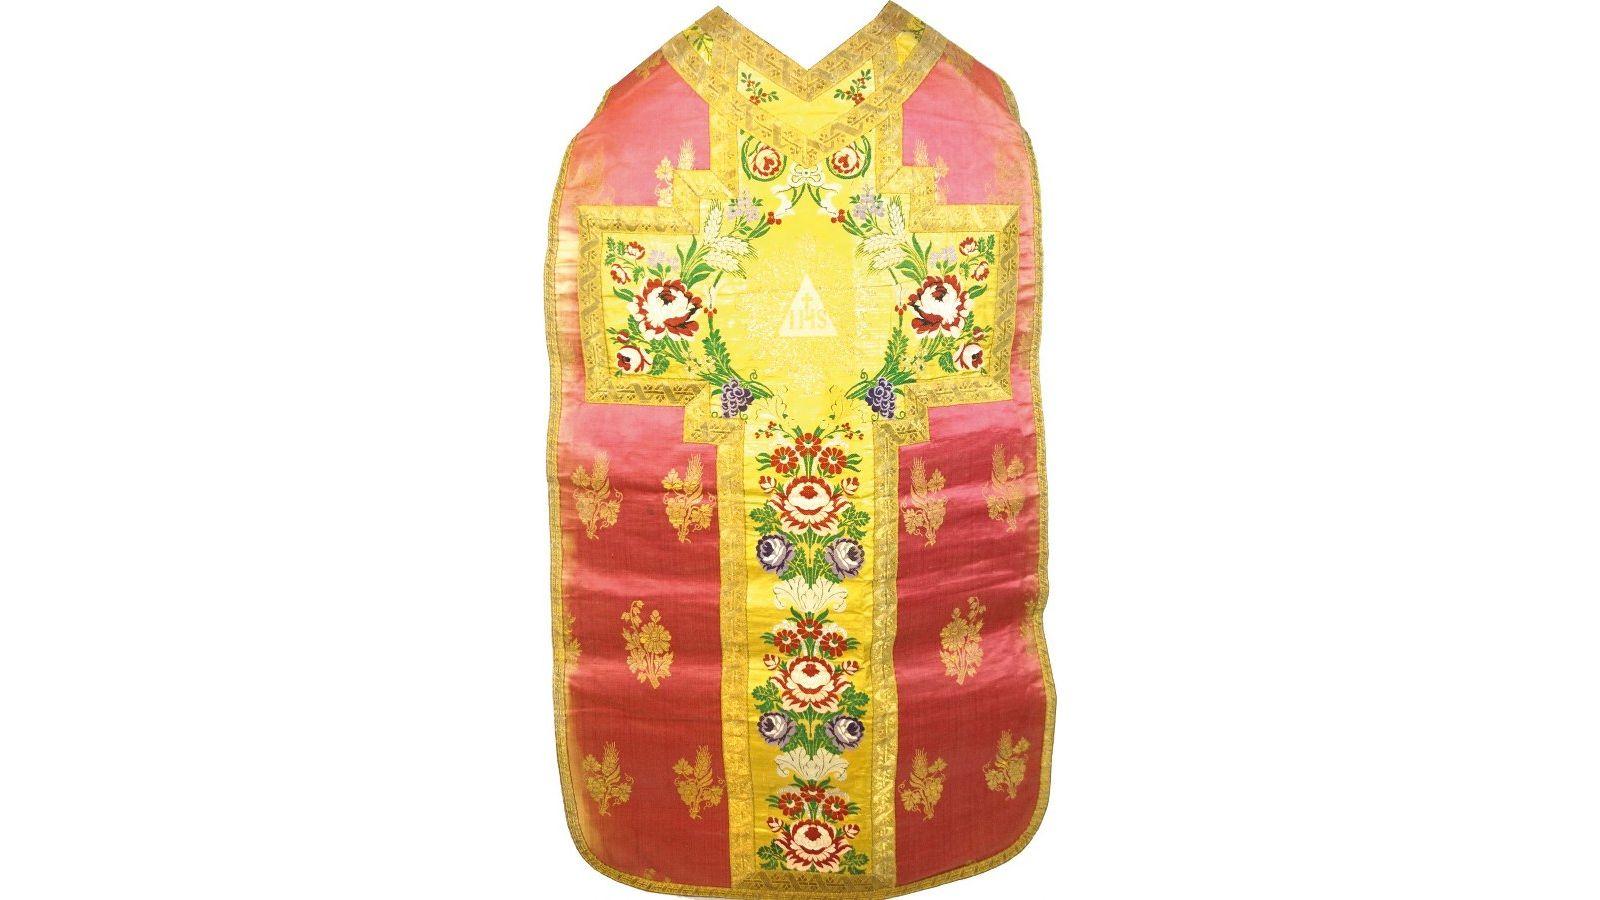 Chasuble en damas de coton vert façonné brodé de motifs tapissant de rinceaux de roses et feuillages en rose, rouge, vert, argent et mauve.